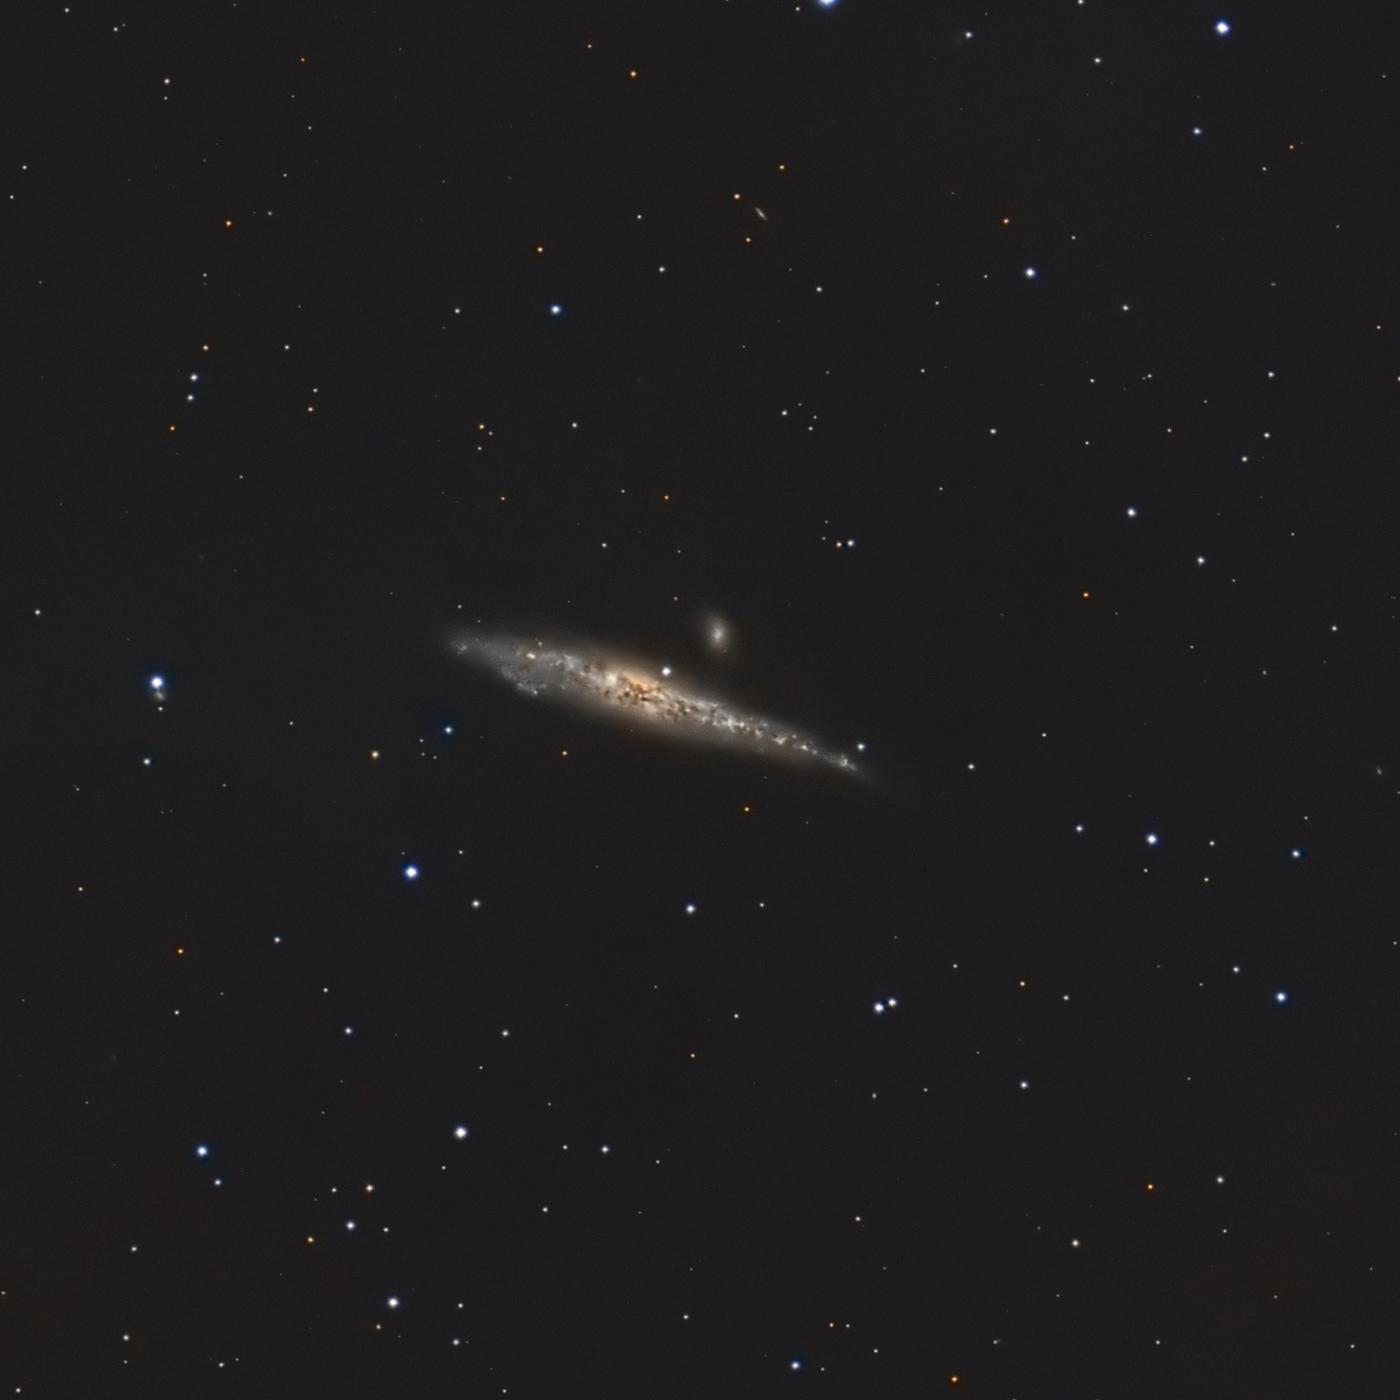 La galaxie de la baleine NGC 4631